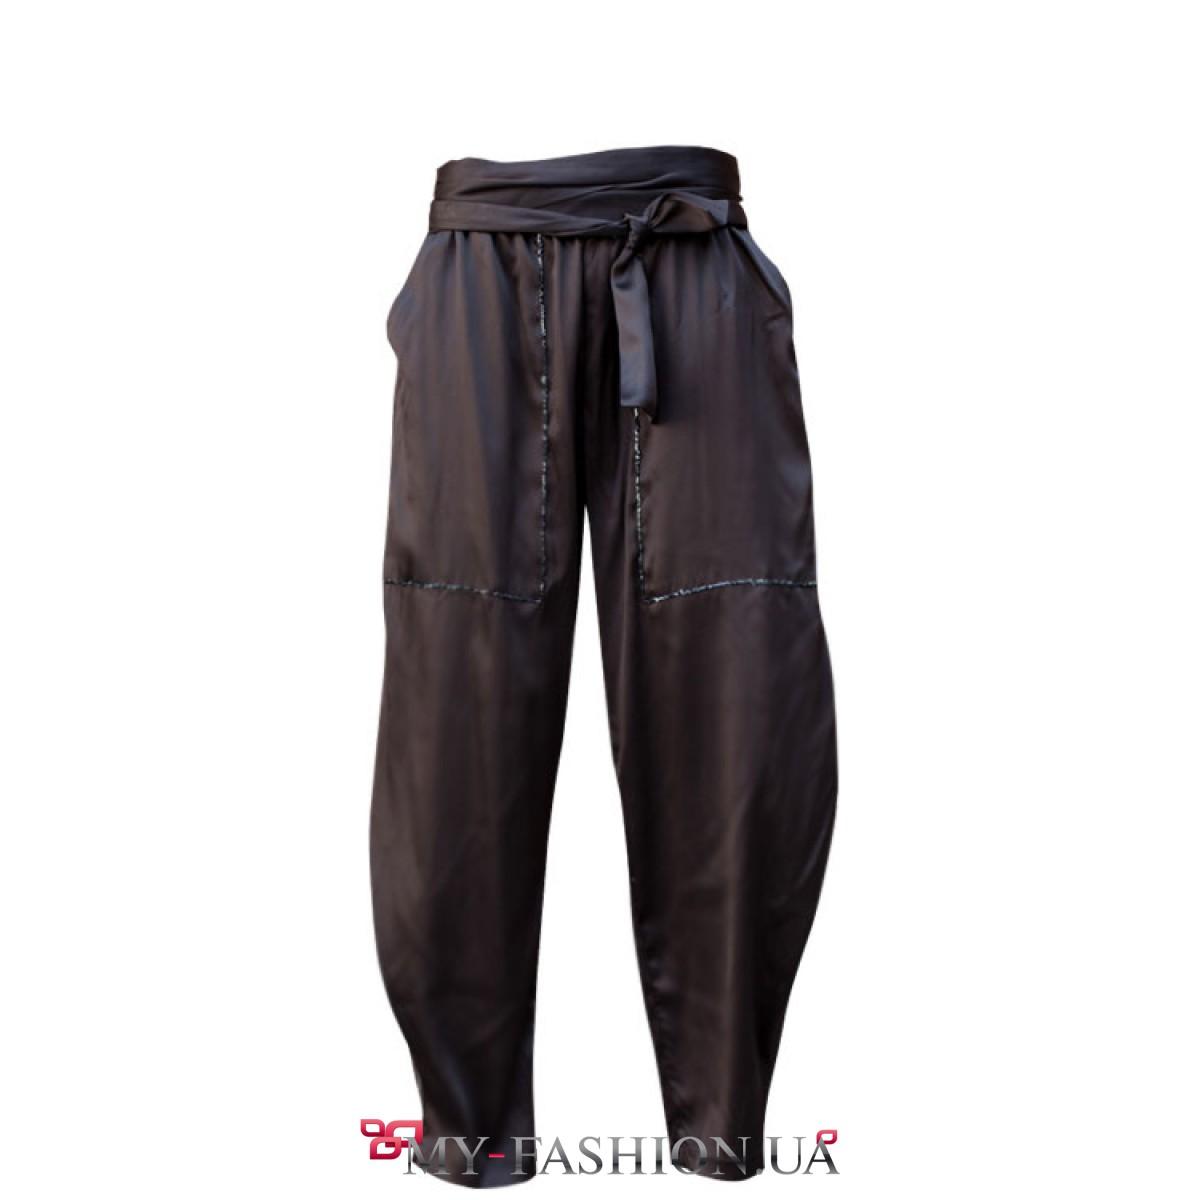 Модные Юбки И Блузки Доставка